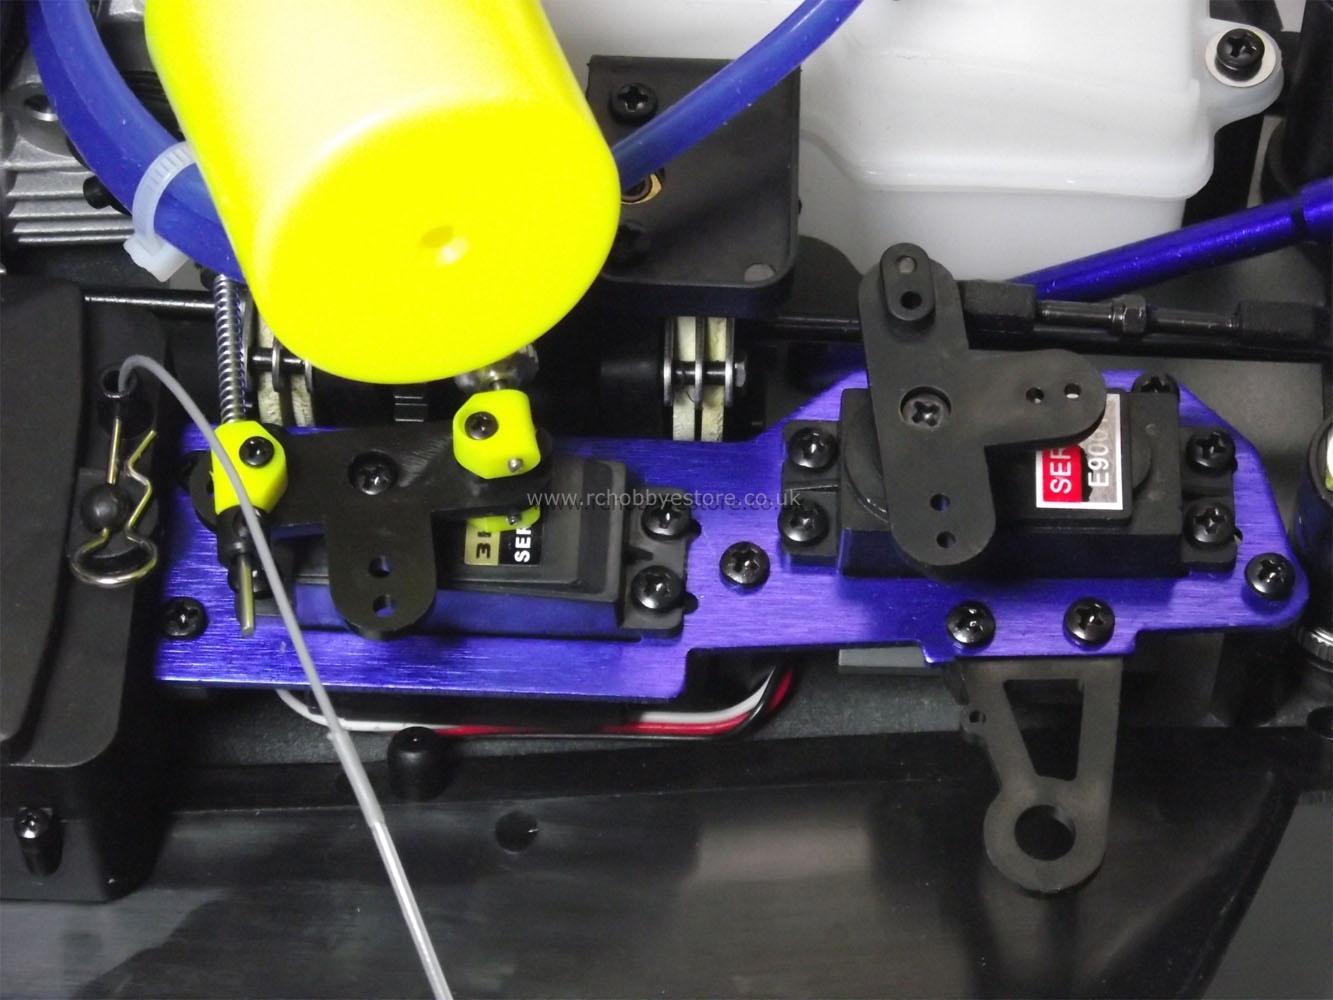 Bazooka image 6